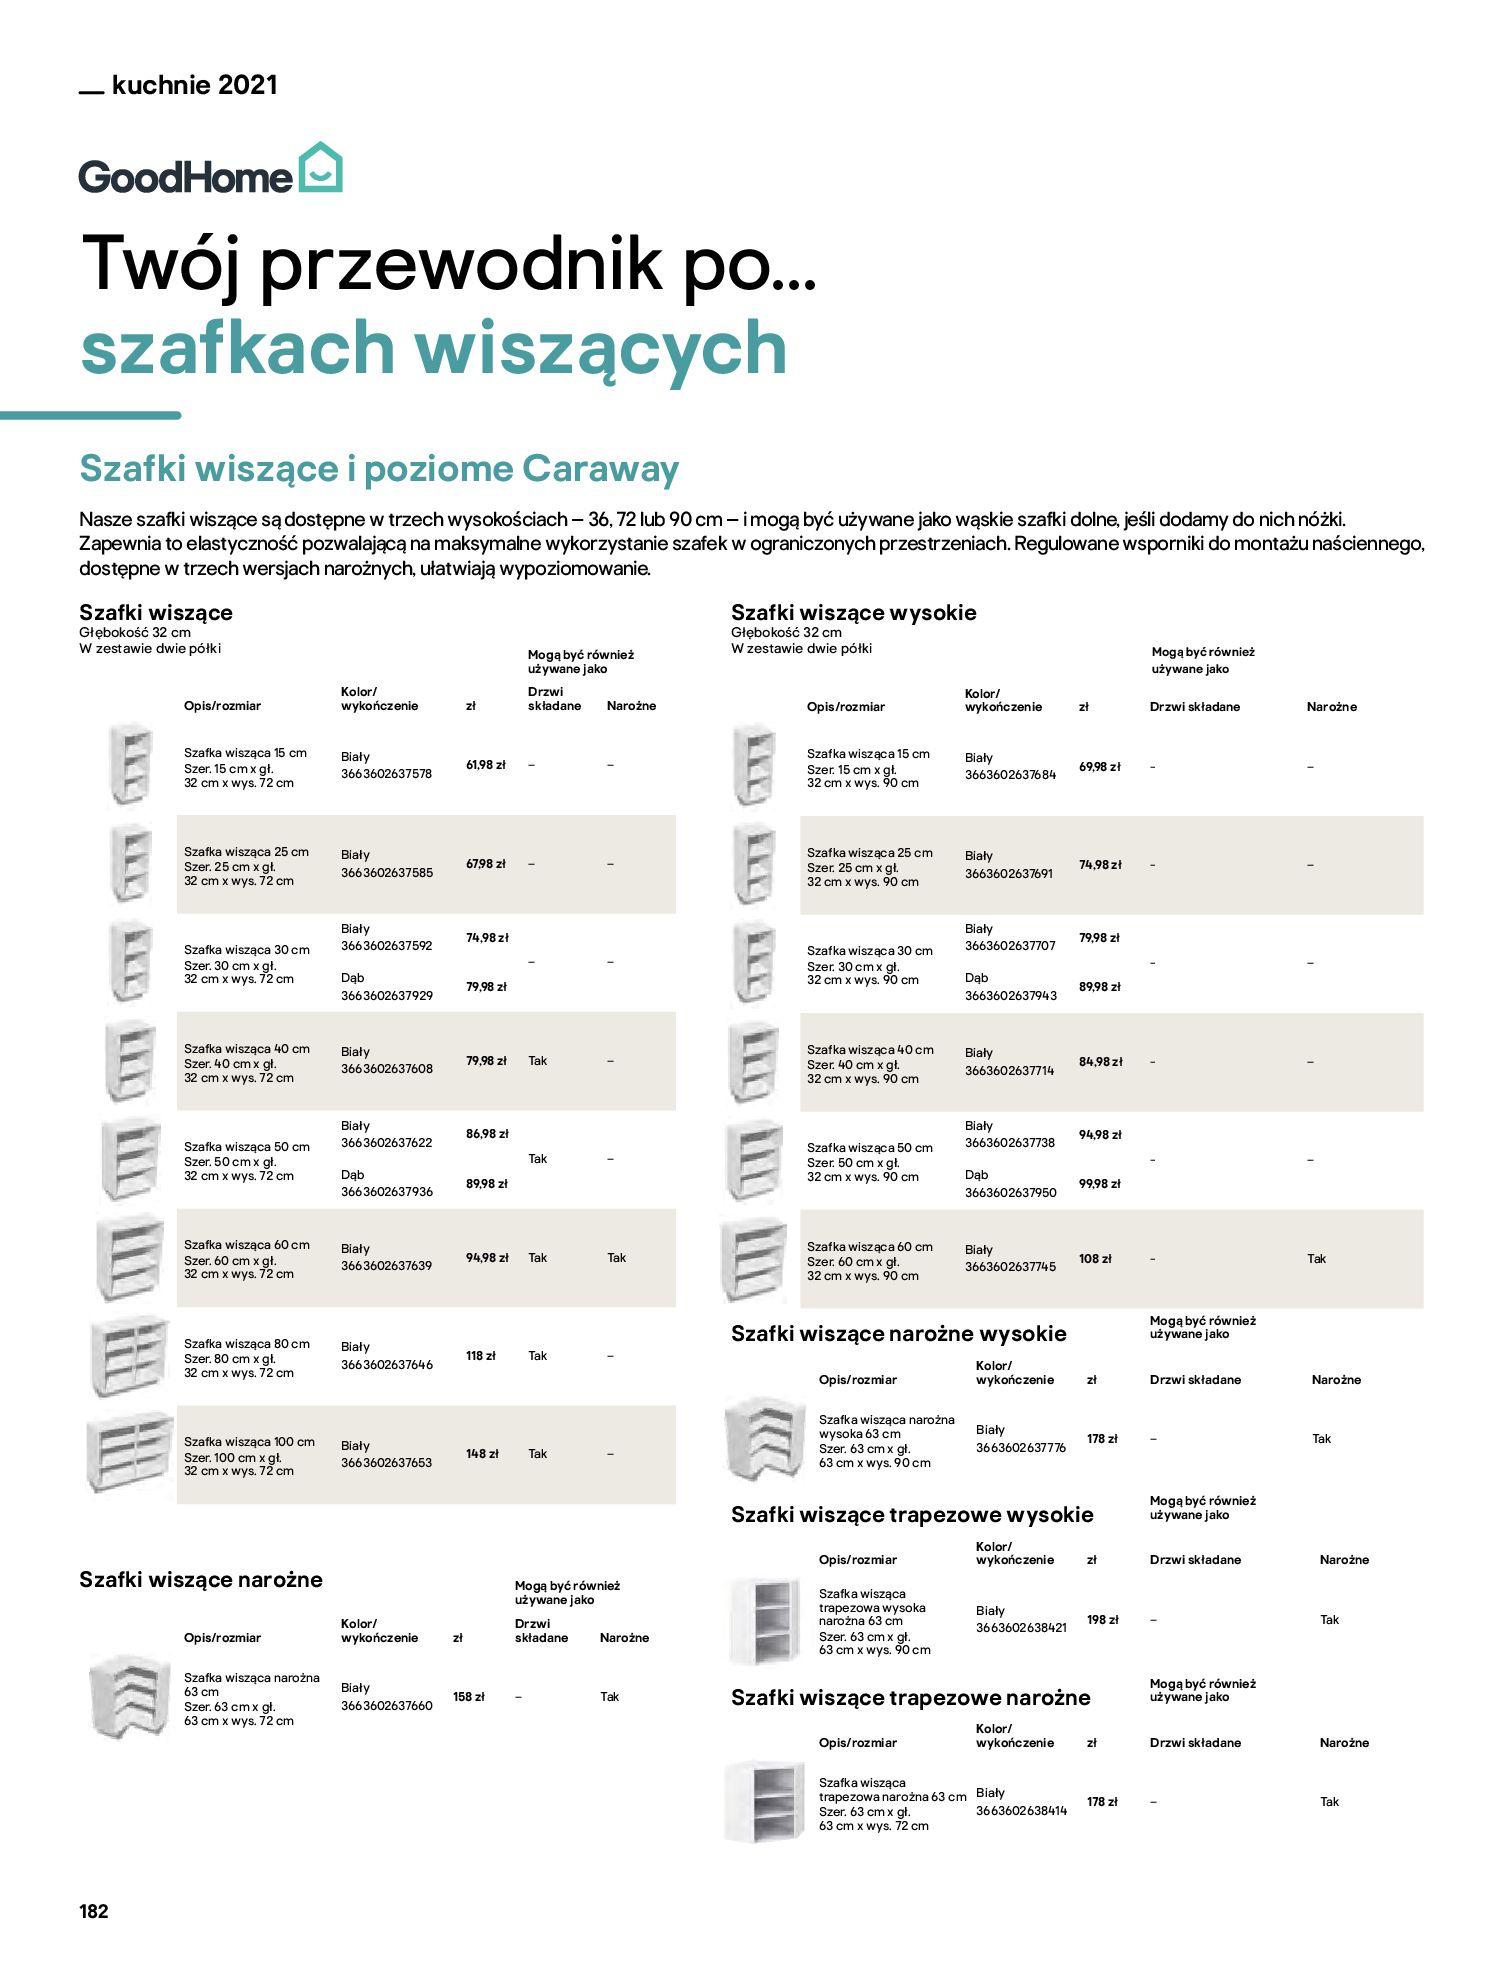 Gazetka Castorama: Katalog kuchnie 2021 2021-05-04 page-182